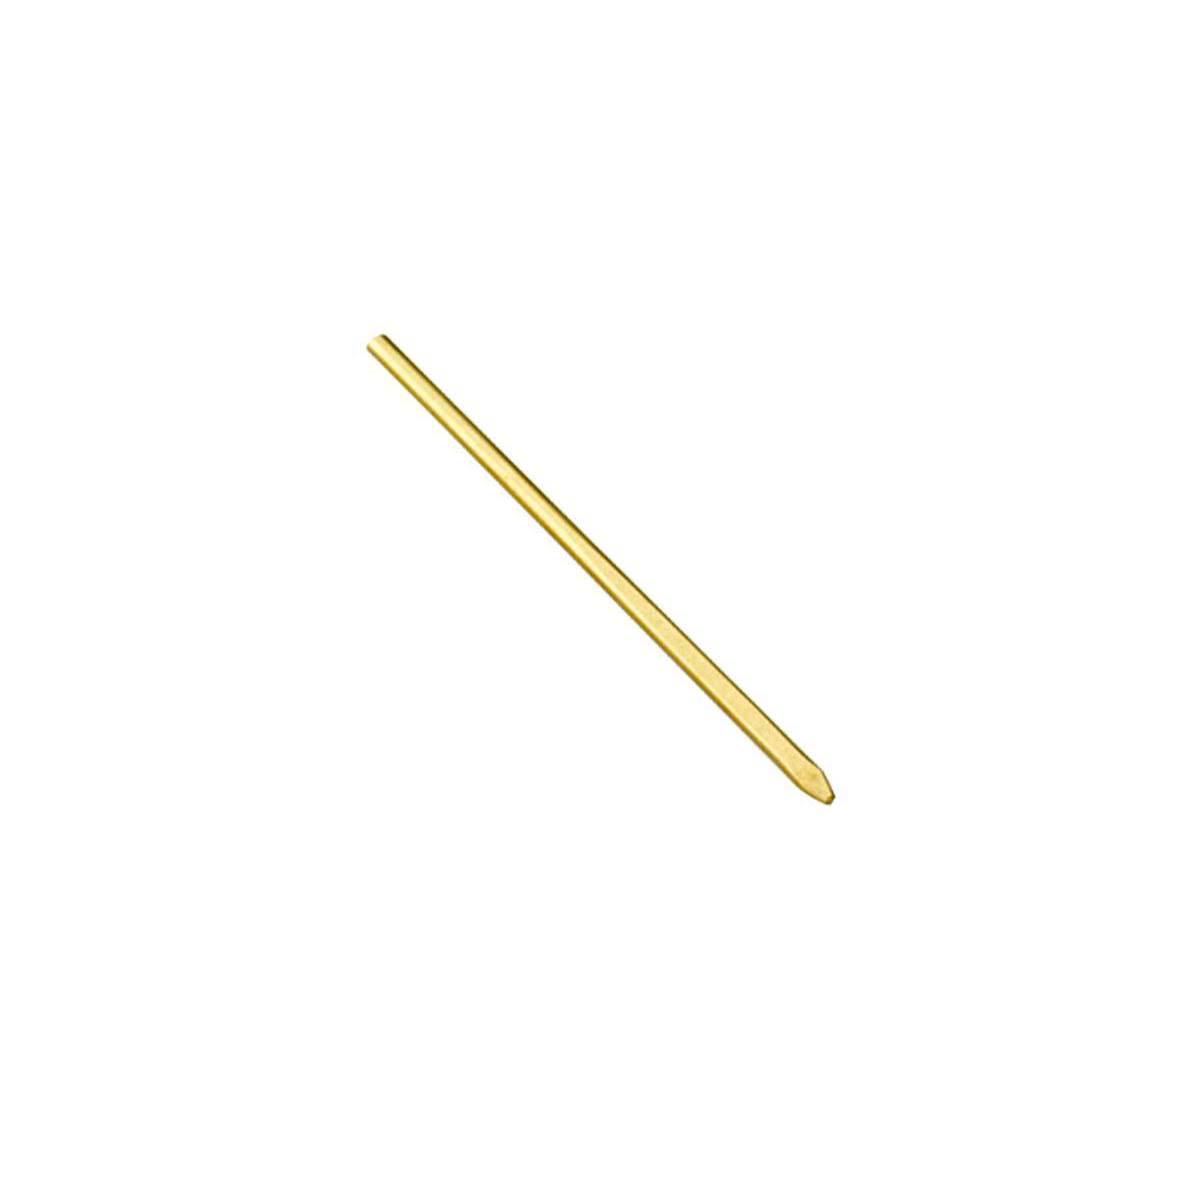 Aiguille passe lacet en cuir IVAN - taille 1